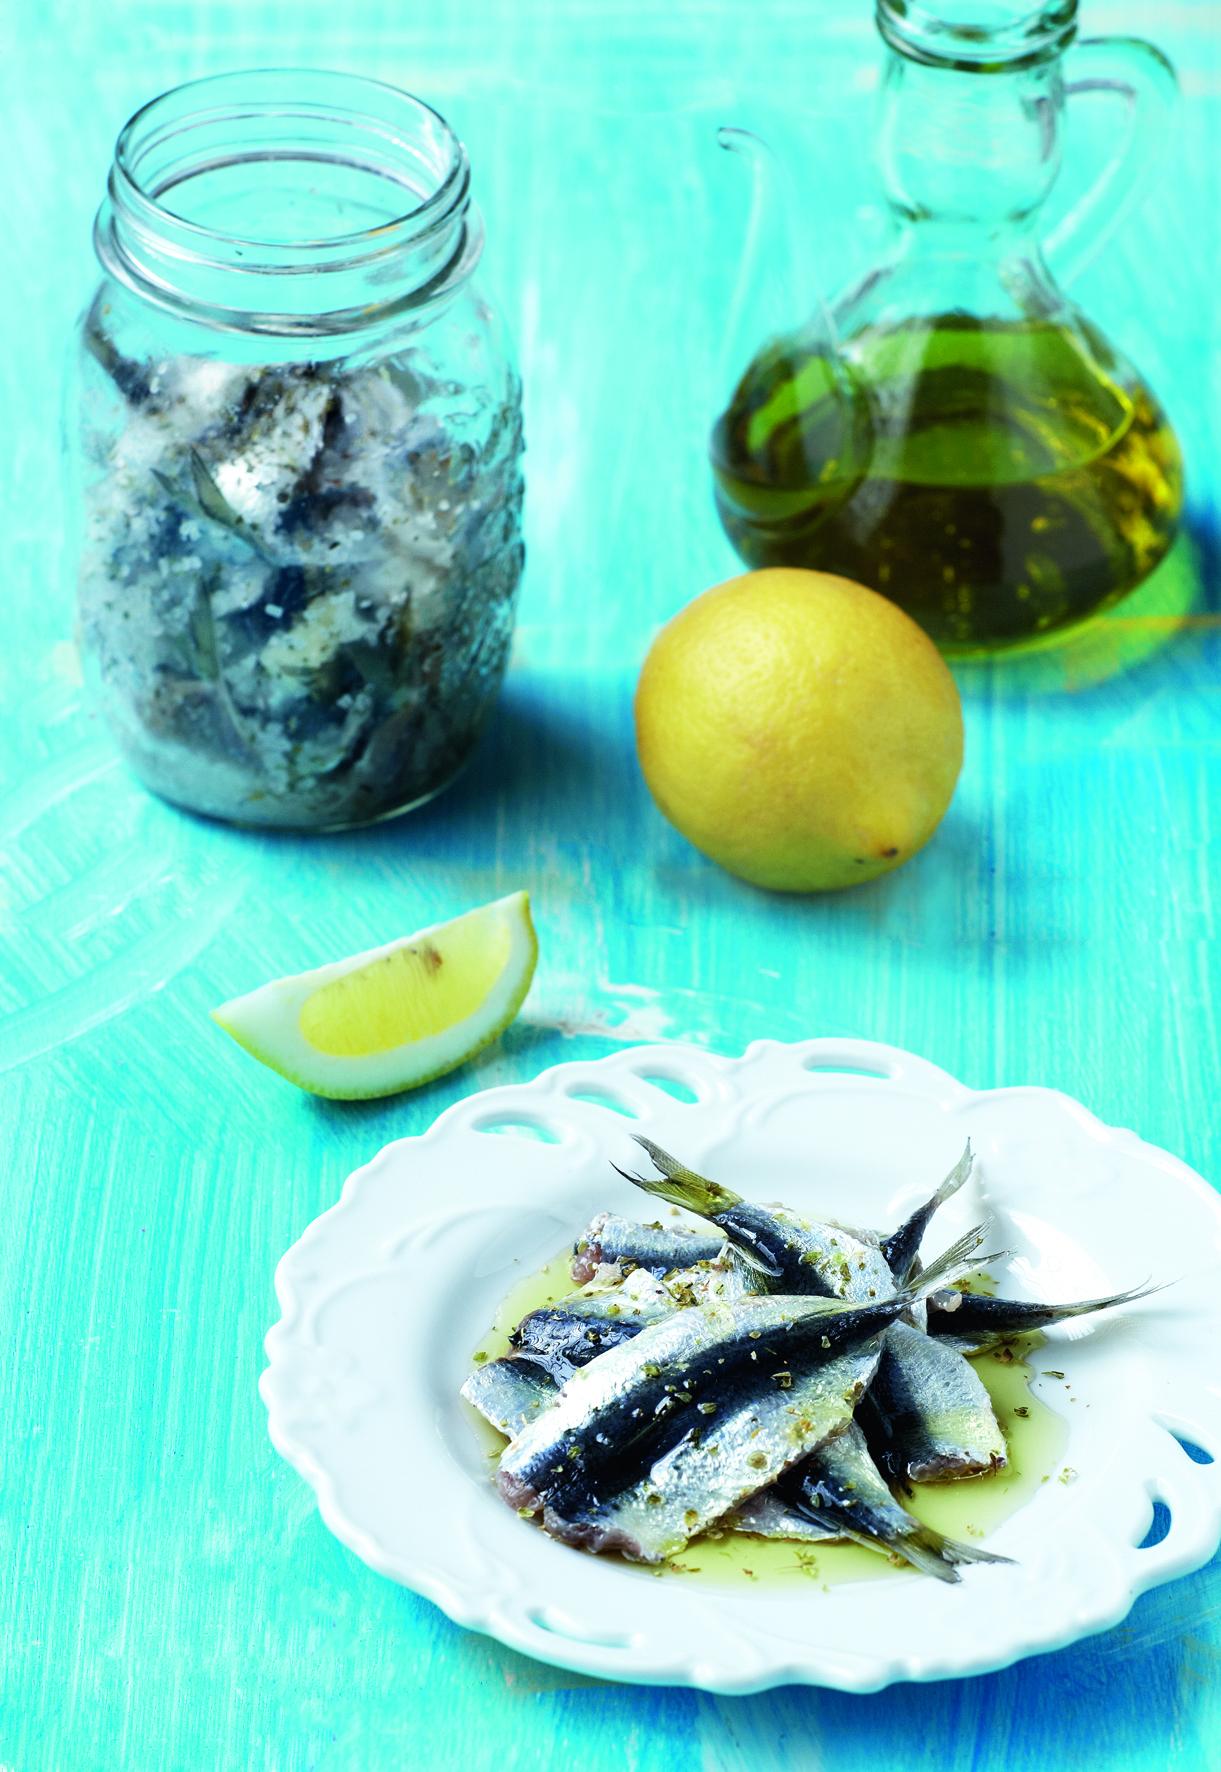 виды рыбы сардины